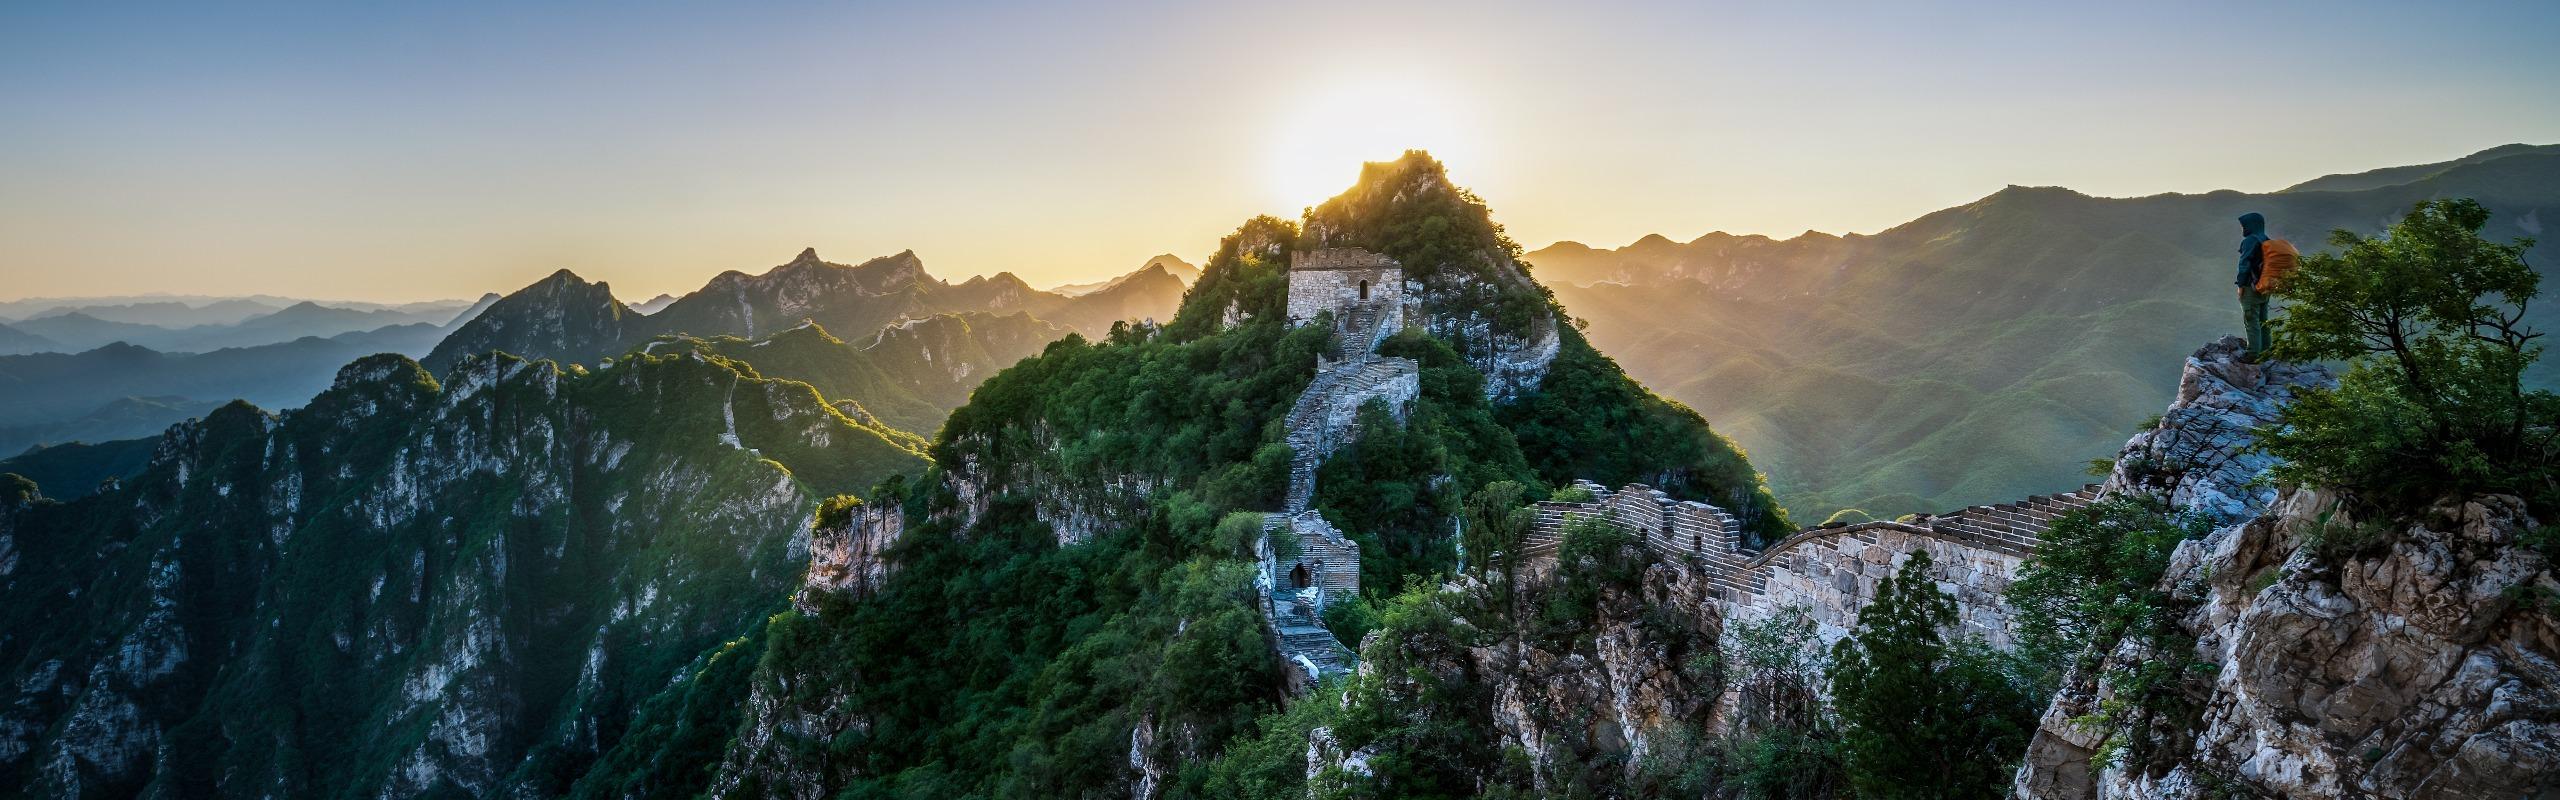 2-Day Jiankou Wild Great Wall Camping Tour